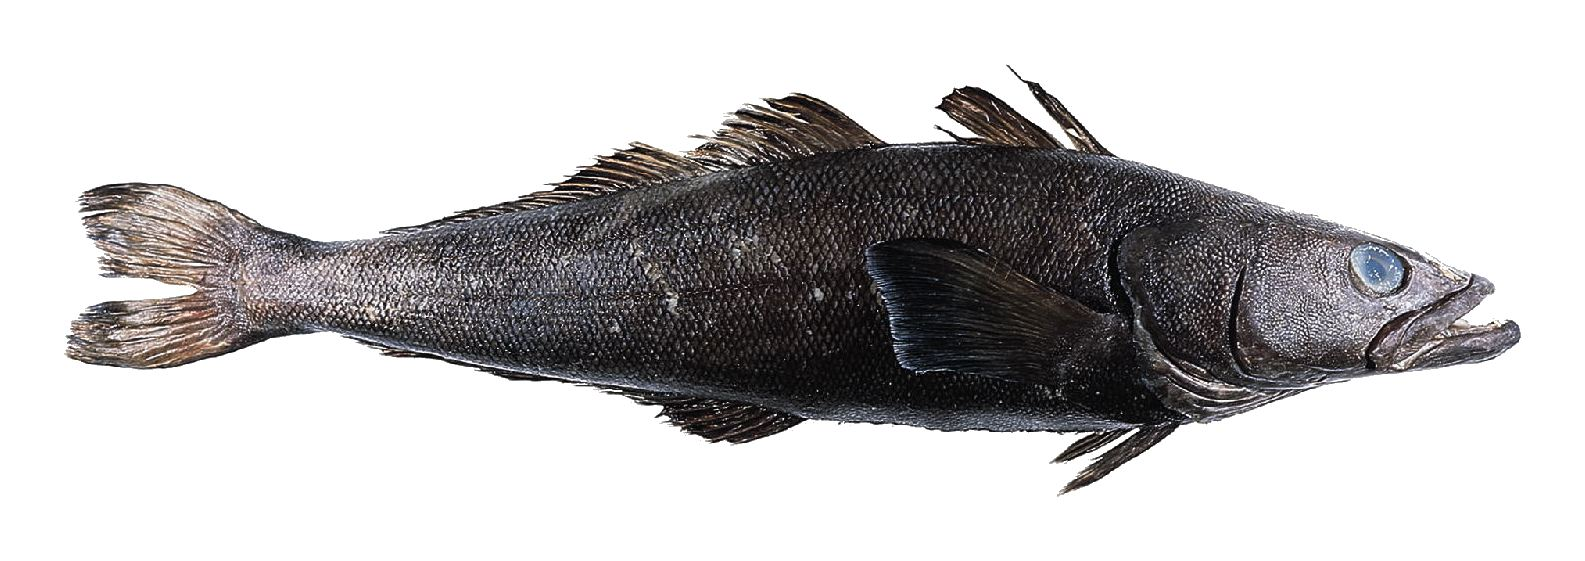 Alimentos Sanos: Pescado Blanco